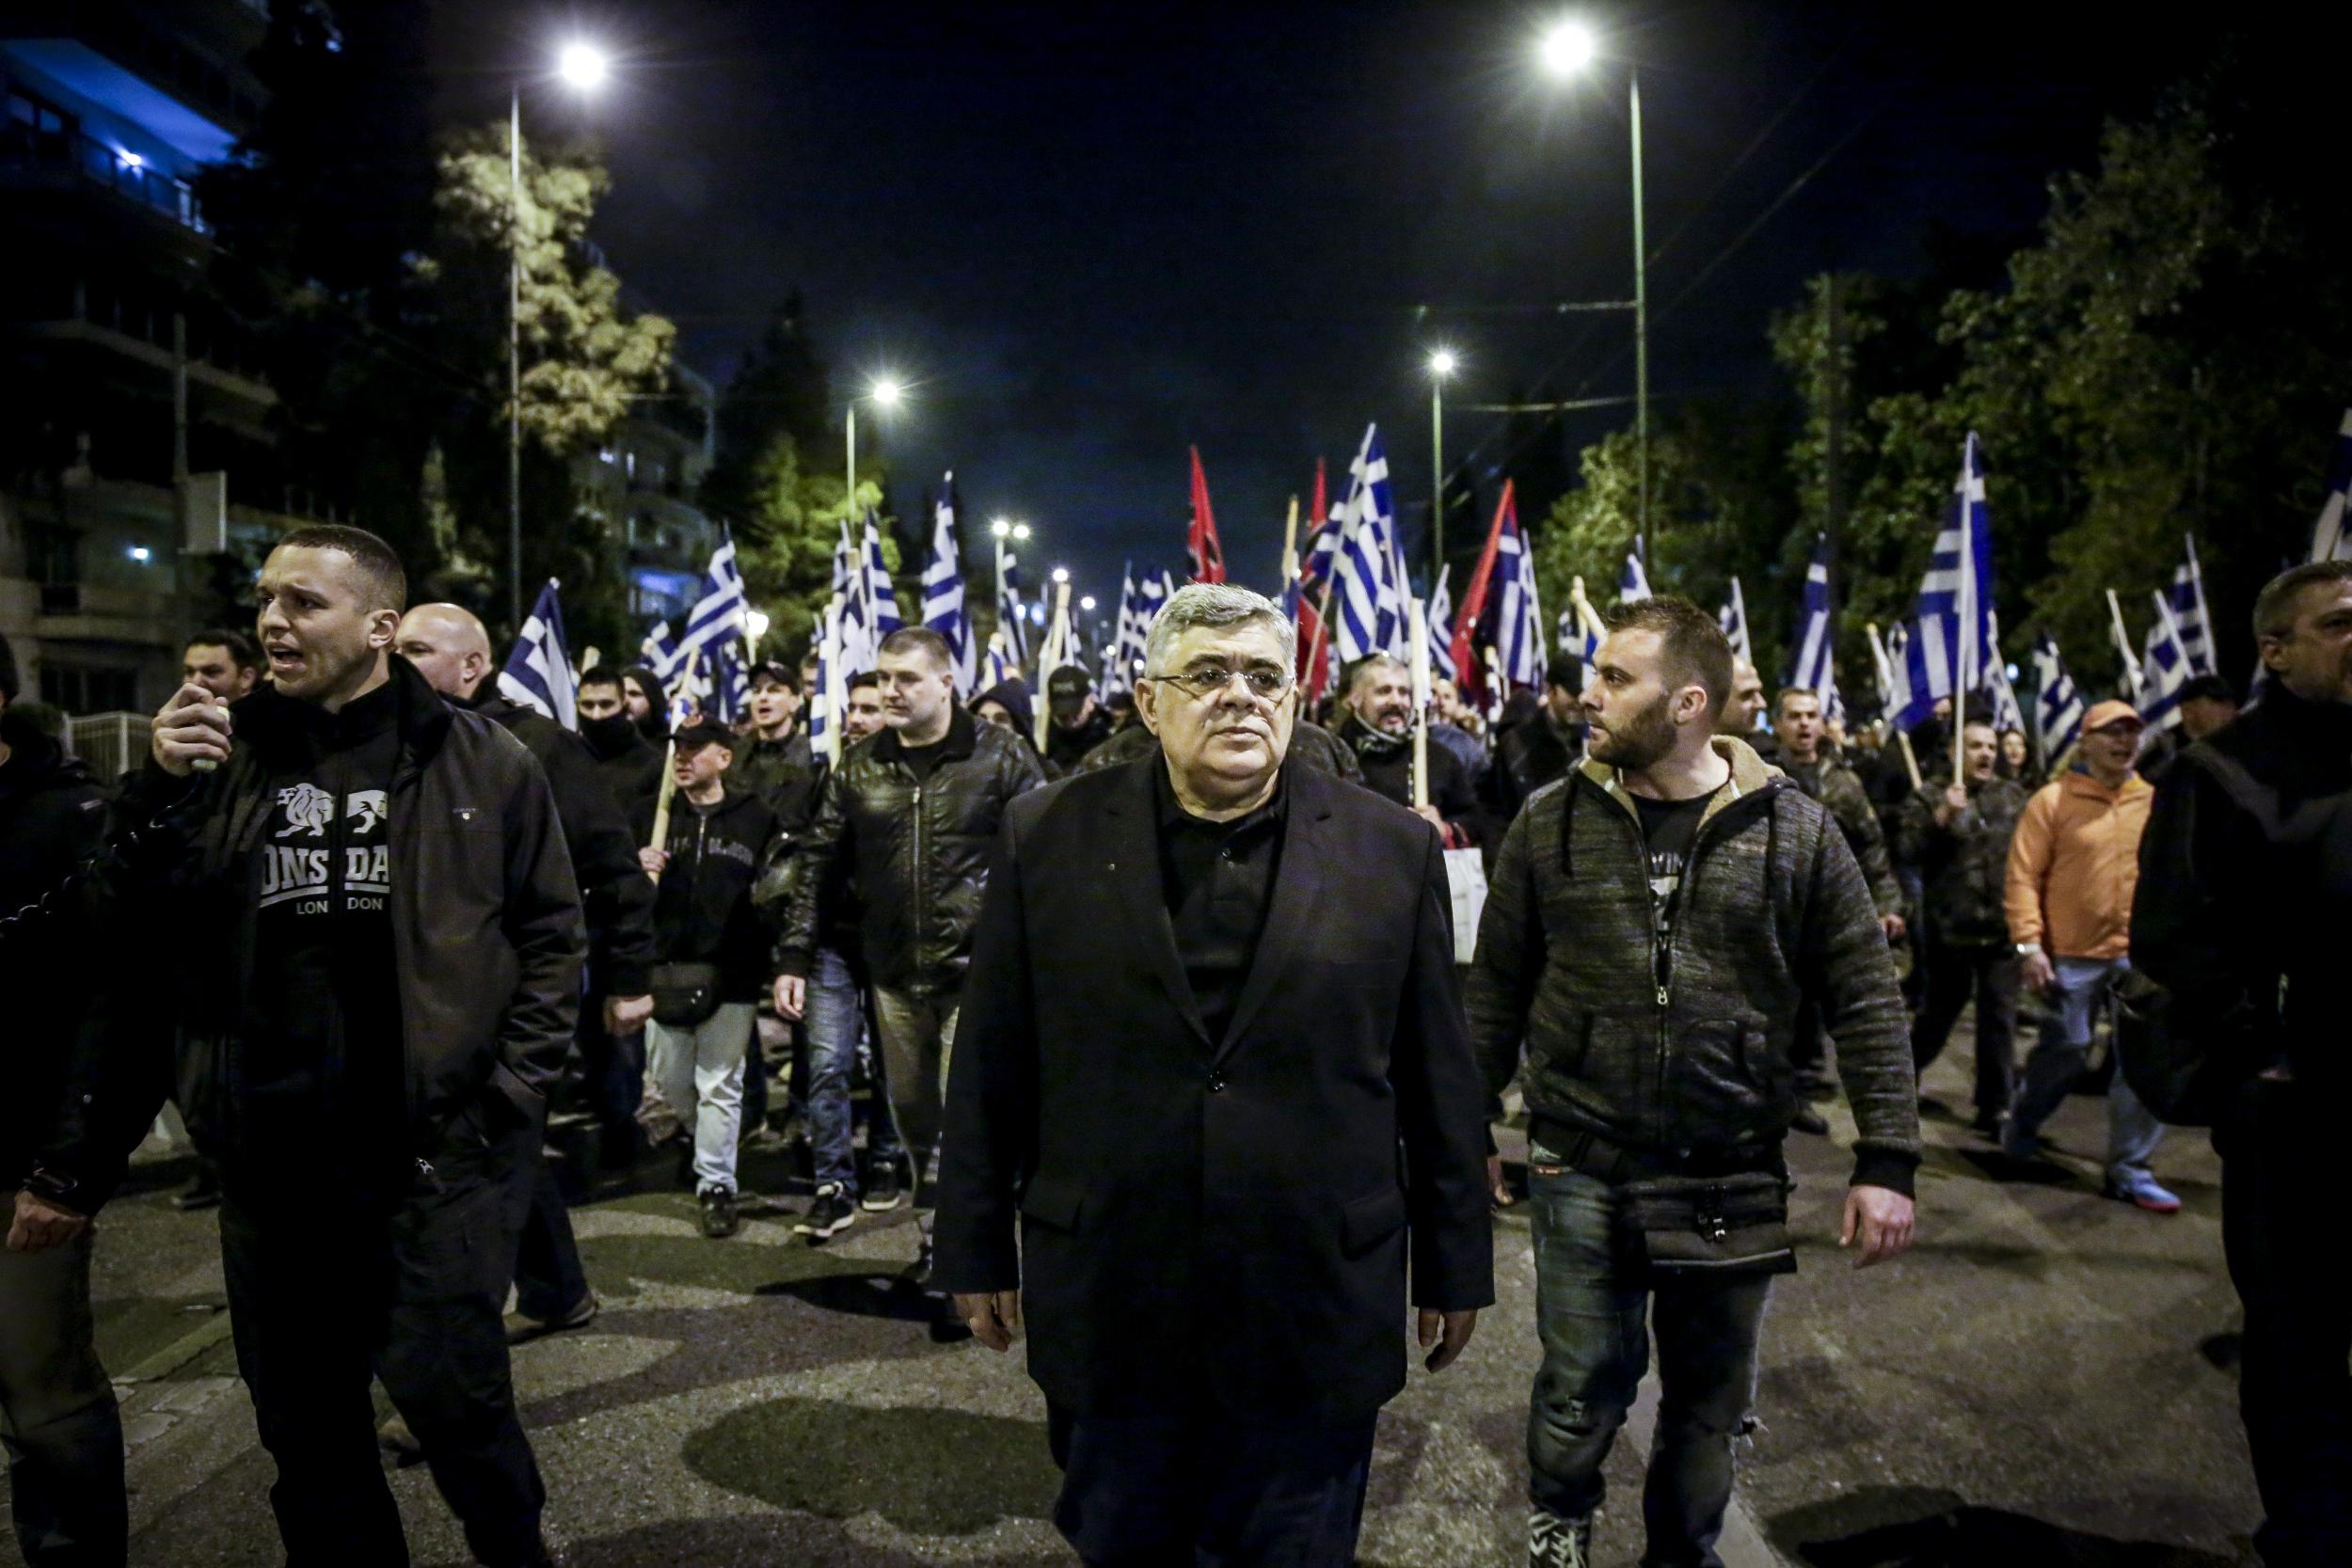 Οριστικά εκτός εκλογών η Χρυσή Αυγή στη Θεσσαλονίκη